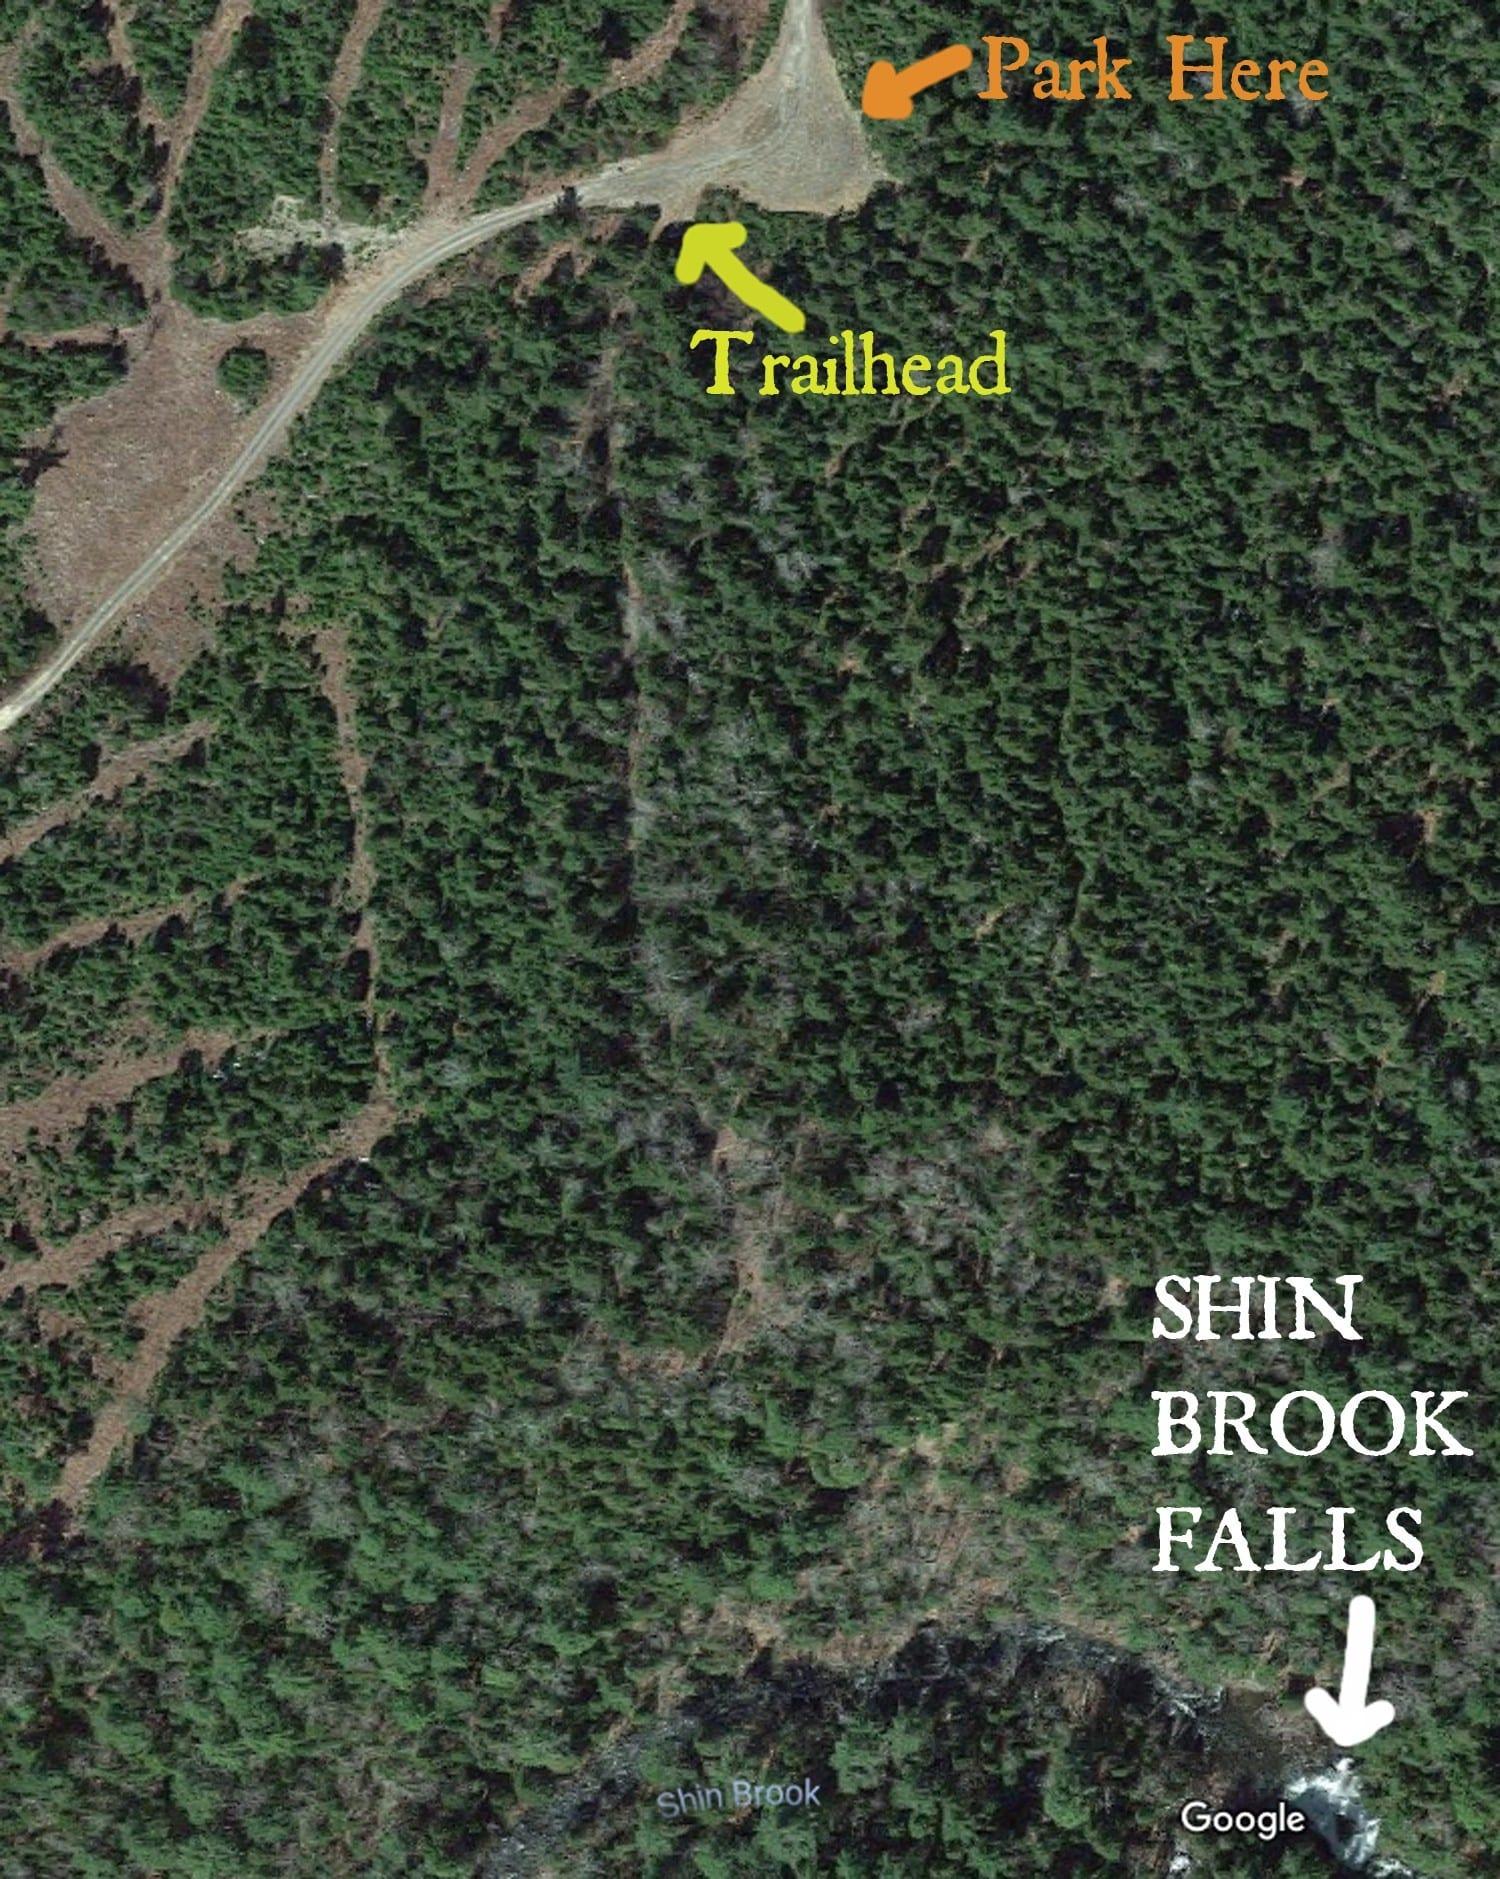 Shin Brook Falls trailhead.